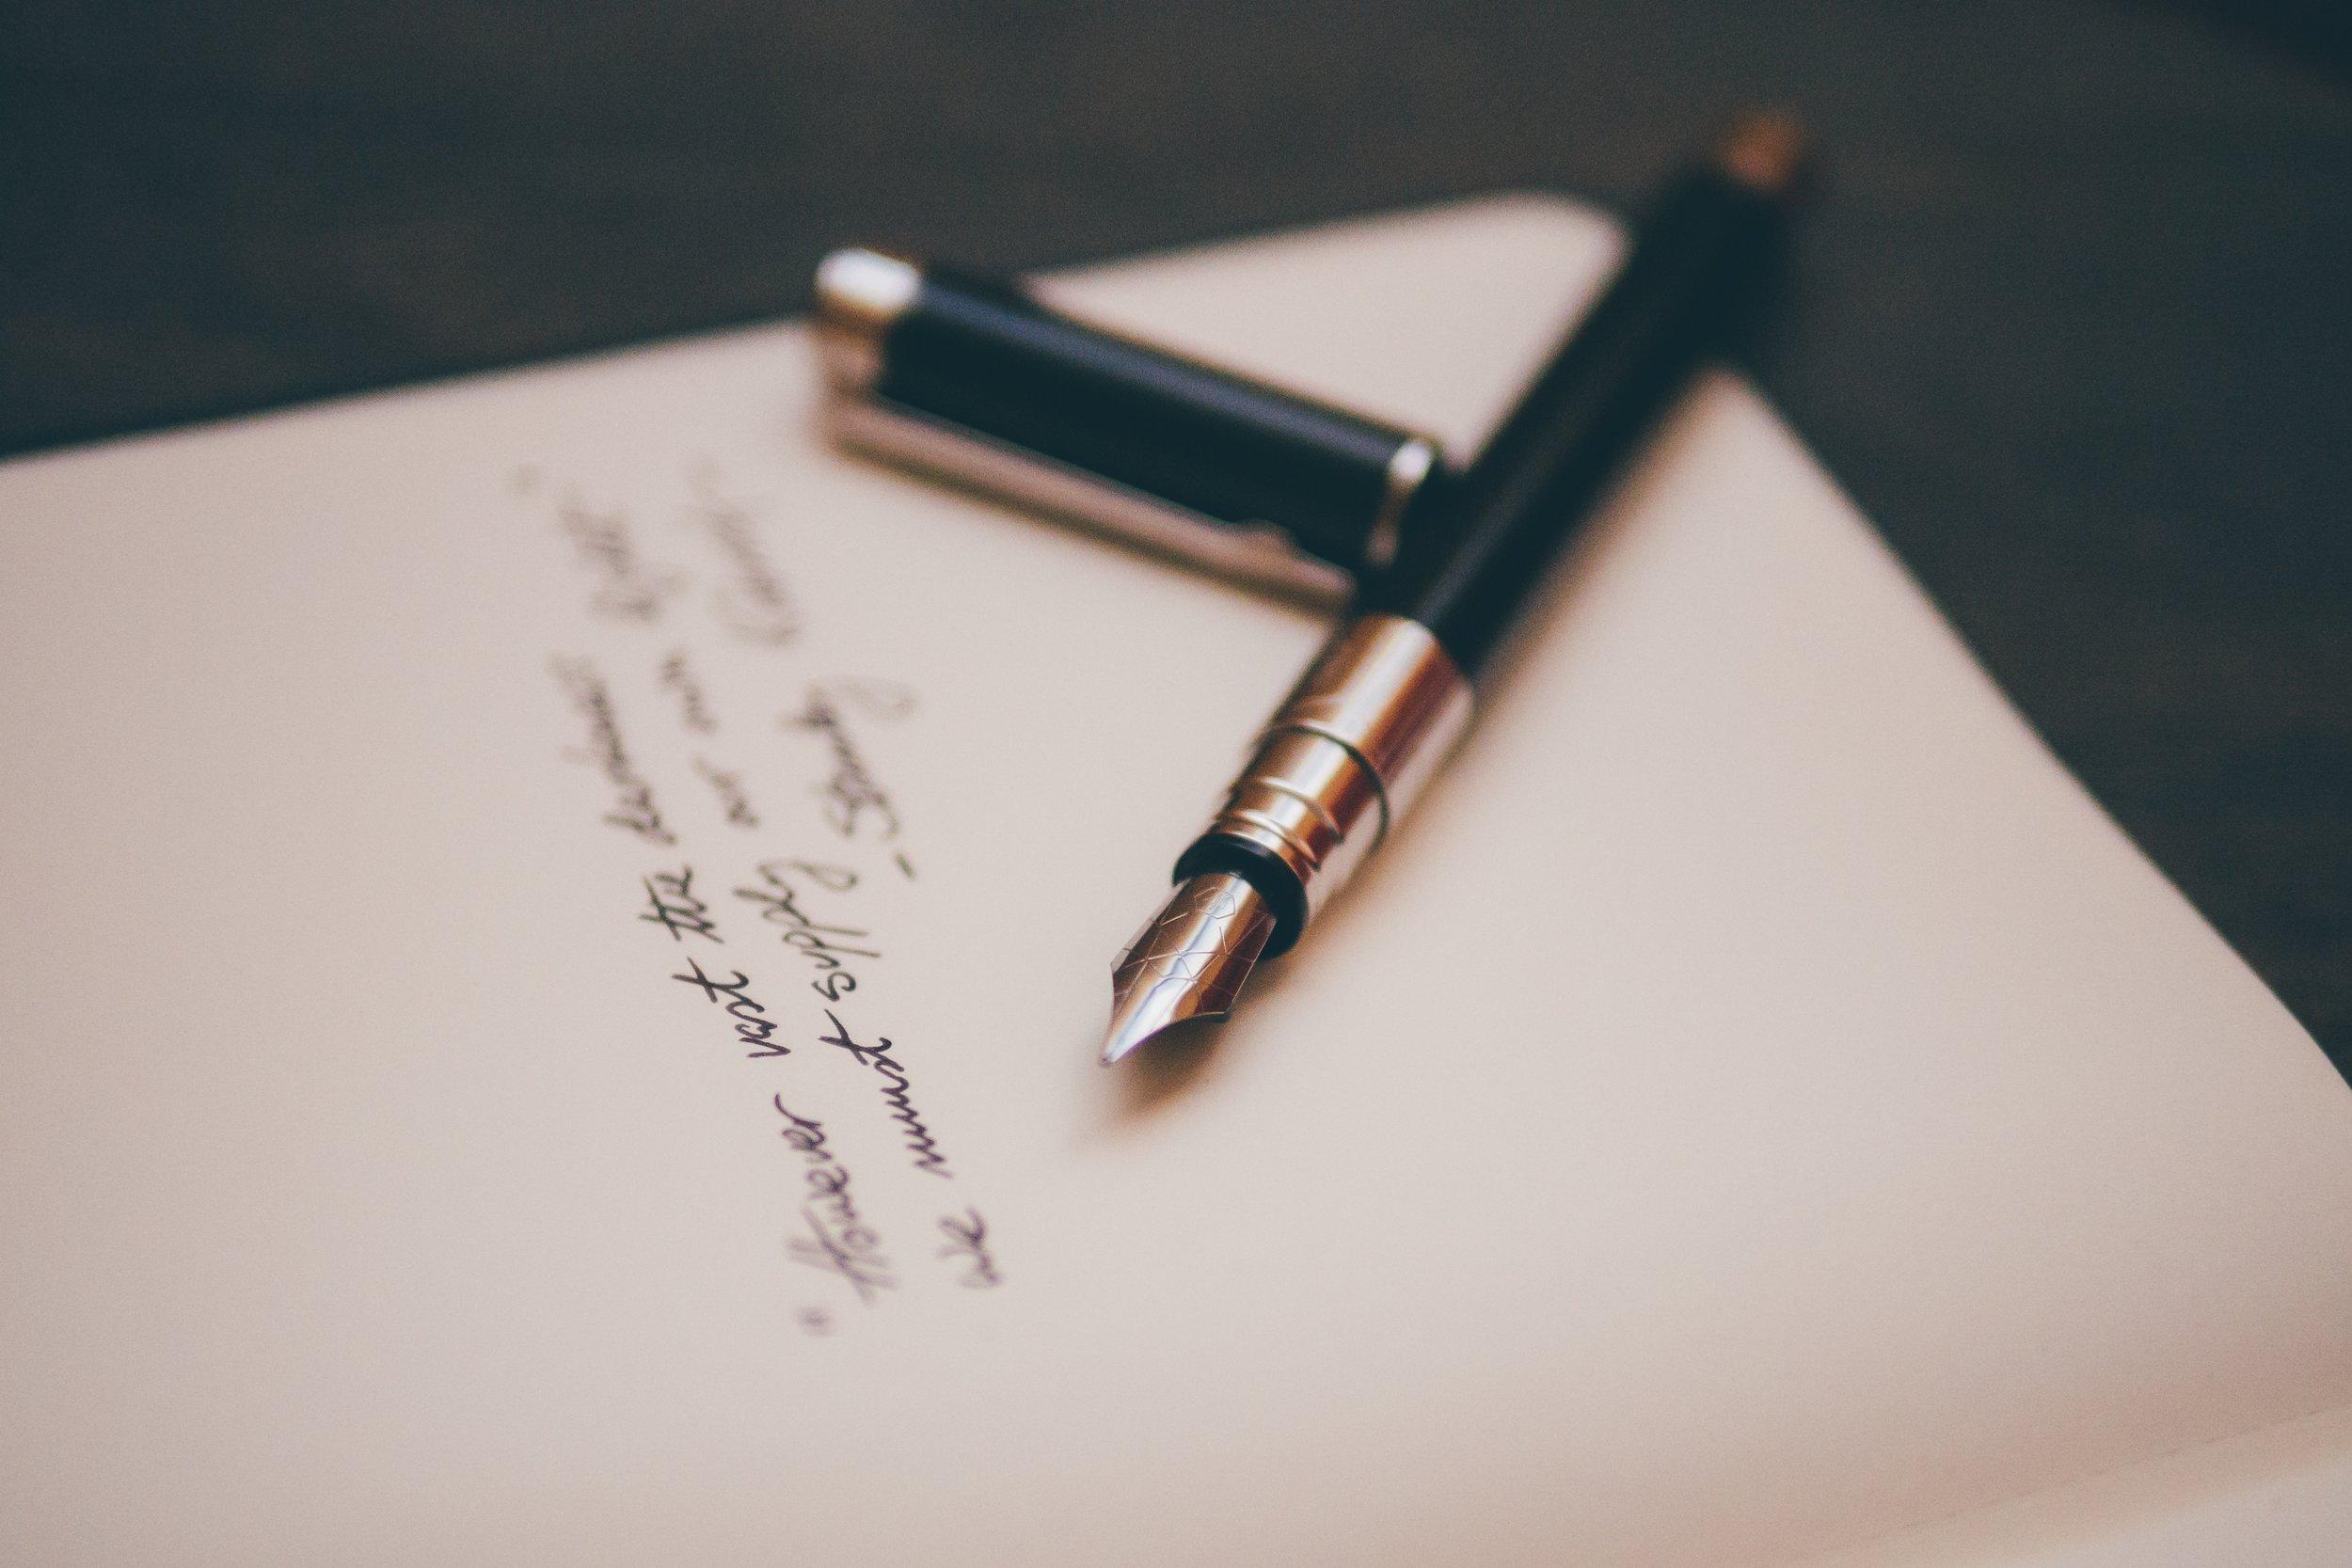 14. Poet's Heart -